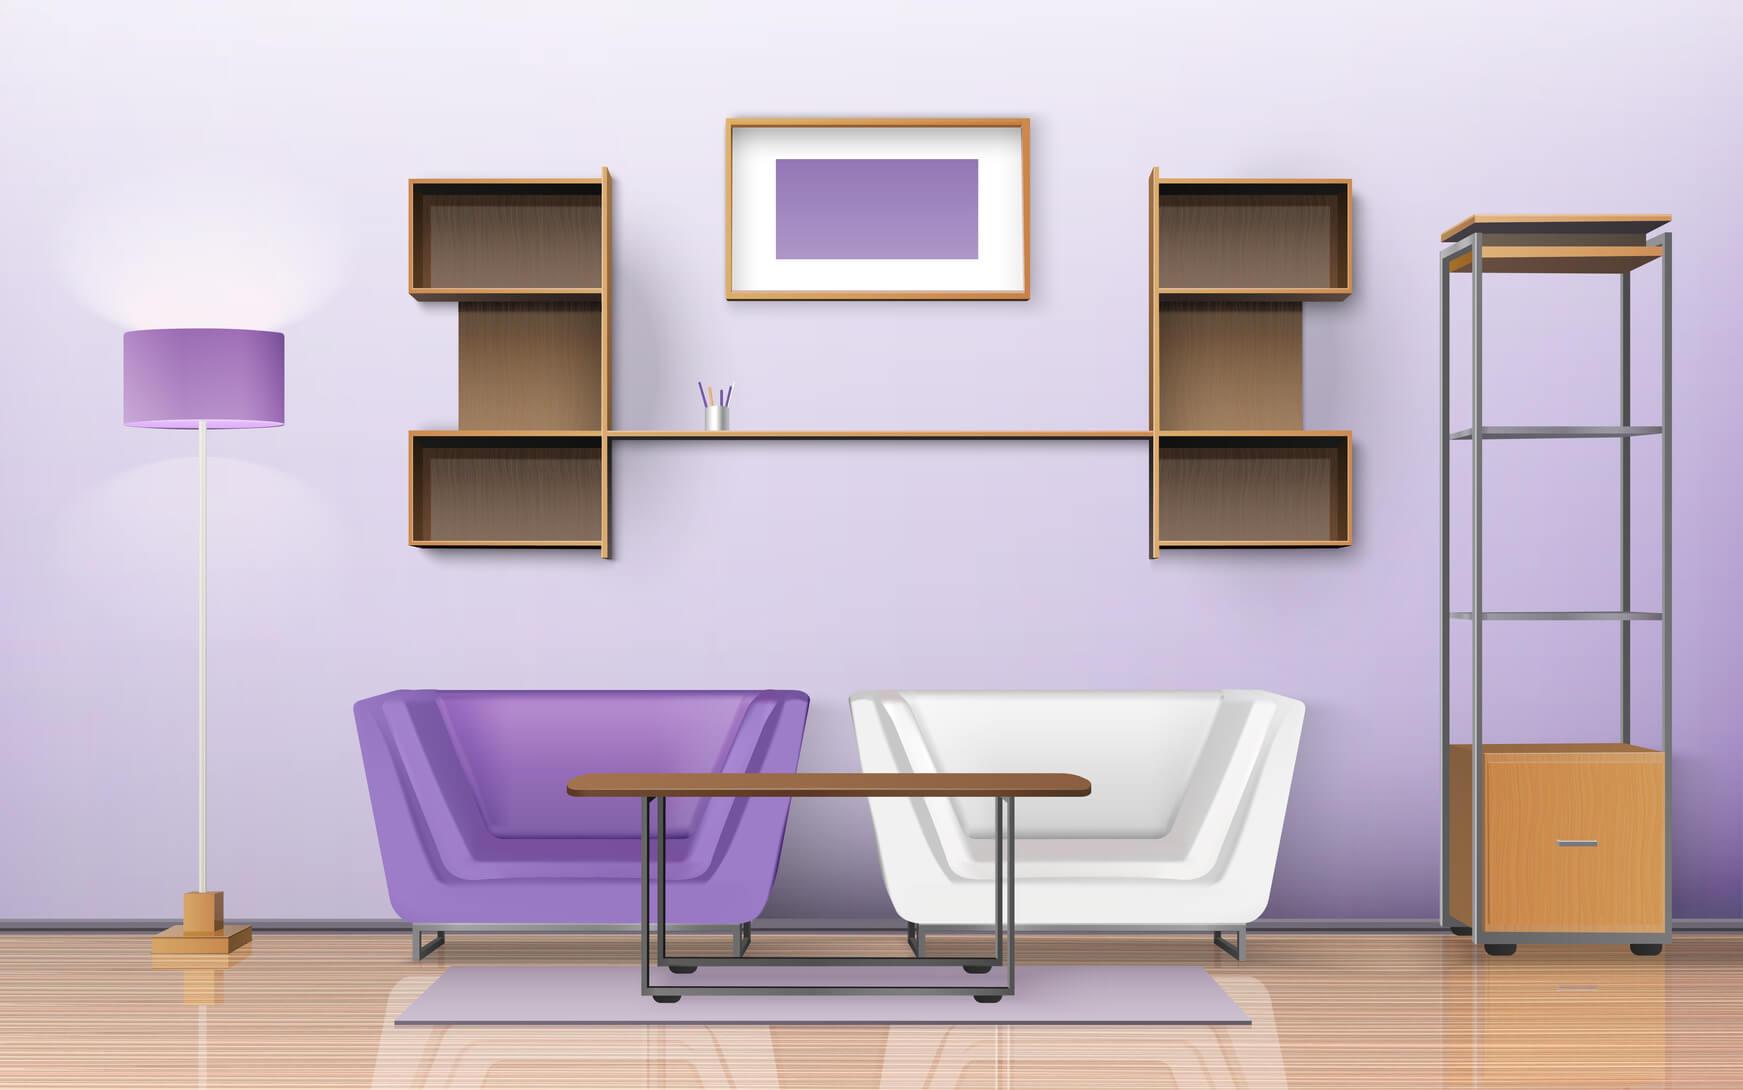 Definici n de ikea concepto en definici n abc for Ikea compra tus muebles